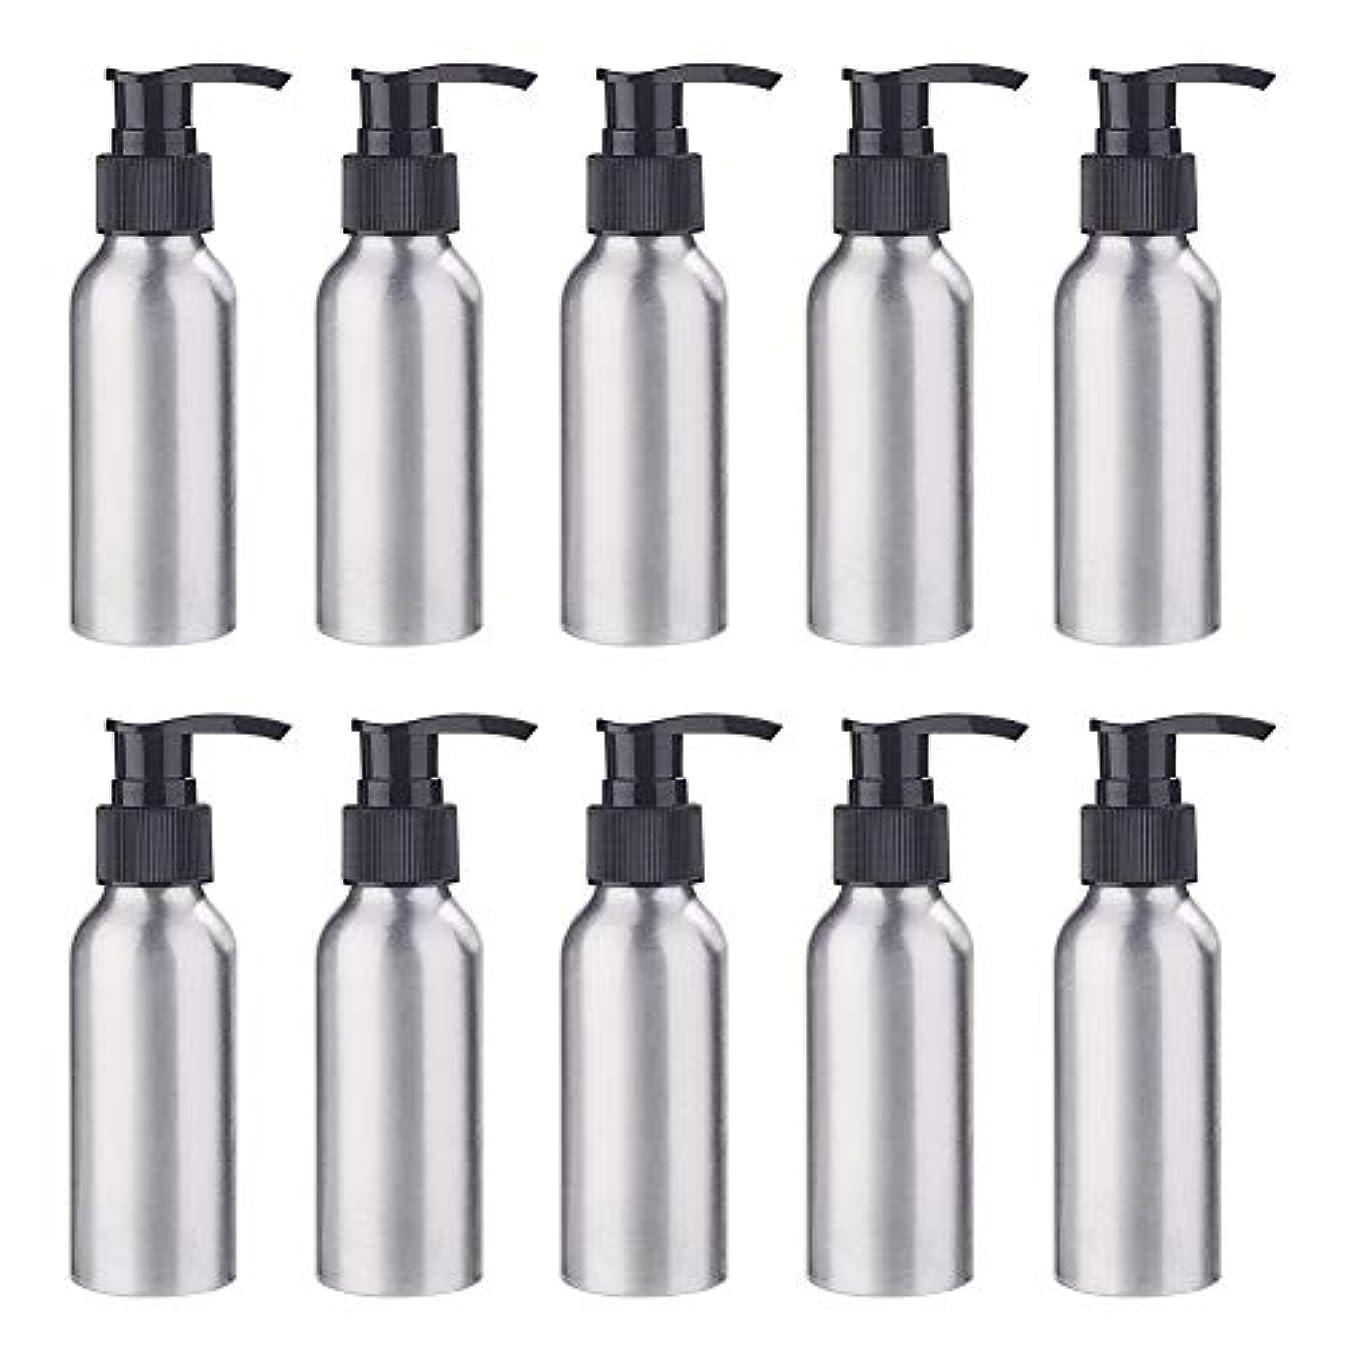 雇用者懇願する世界BENECREAT 10個セット100mlポンプアルミボトル 空ボトル 防錆 軽量 化粧品 クリーム シャンプー 小分け 詰め替え 黒いポンプ